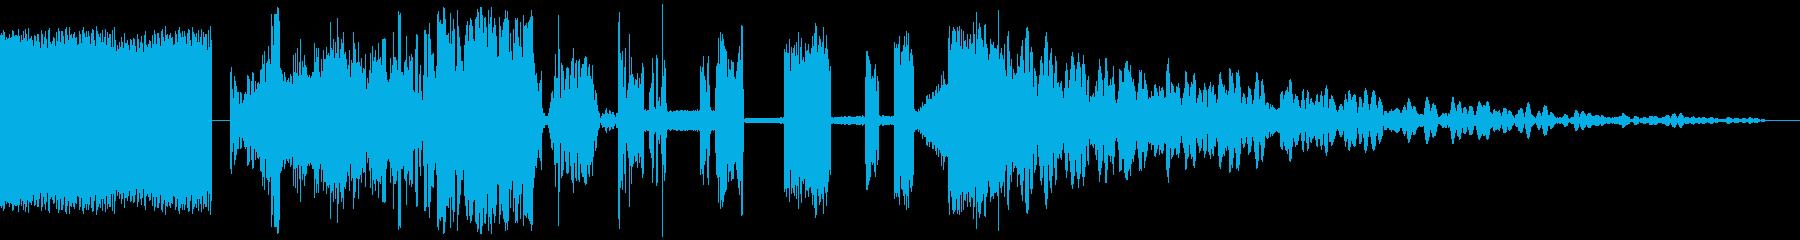 ハイクオリティなラジオジングル制作にの再生済みの波形